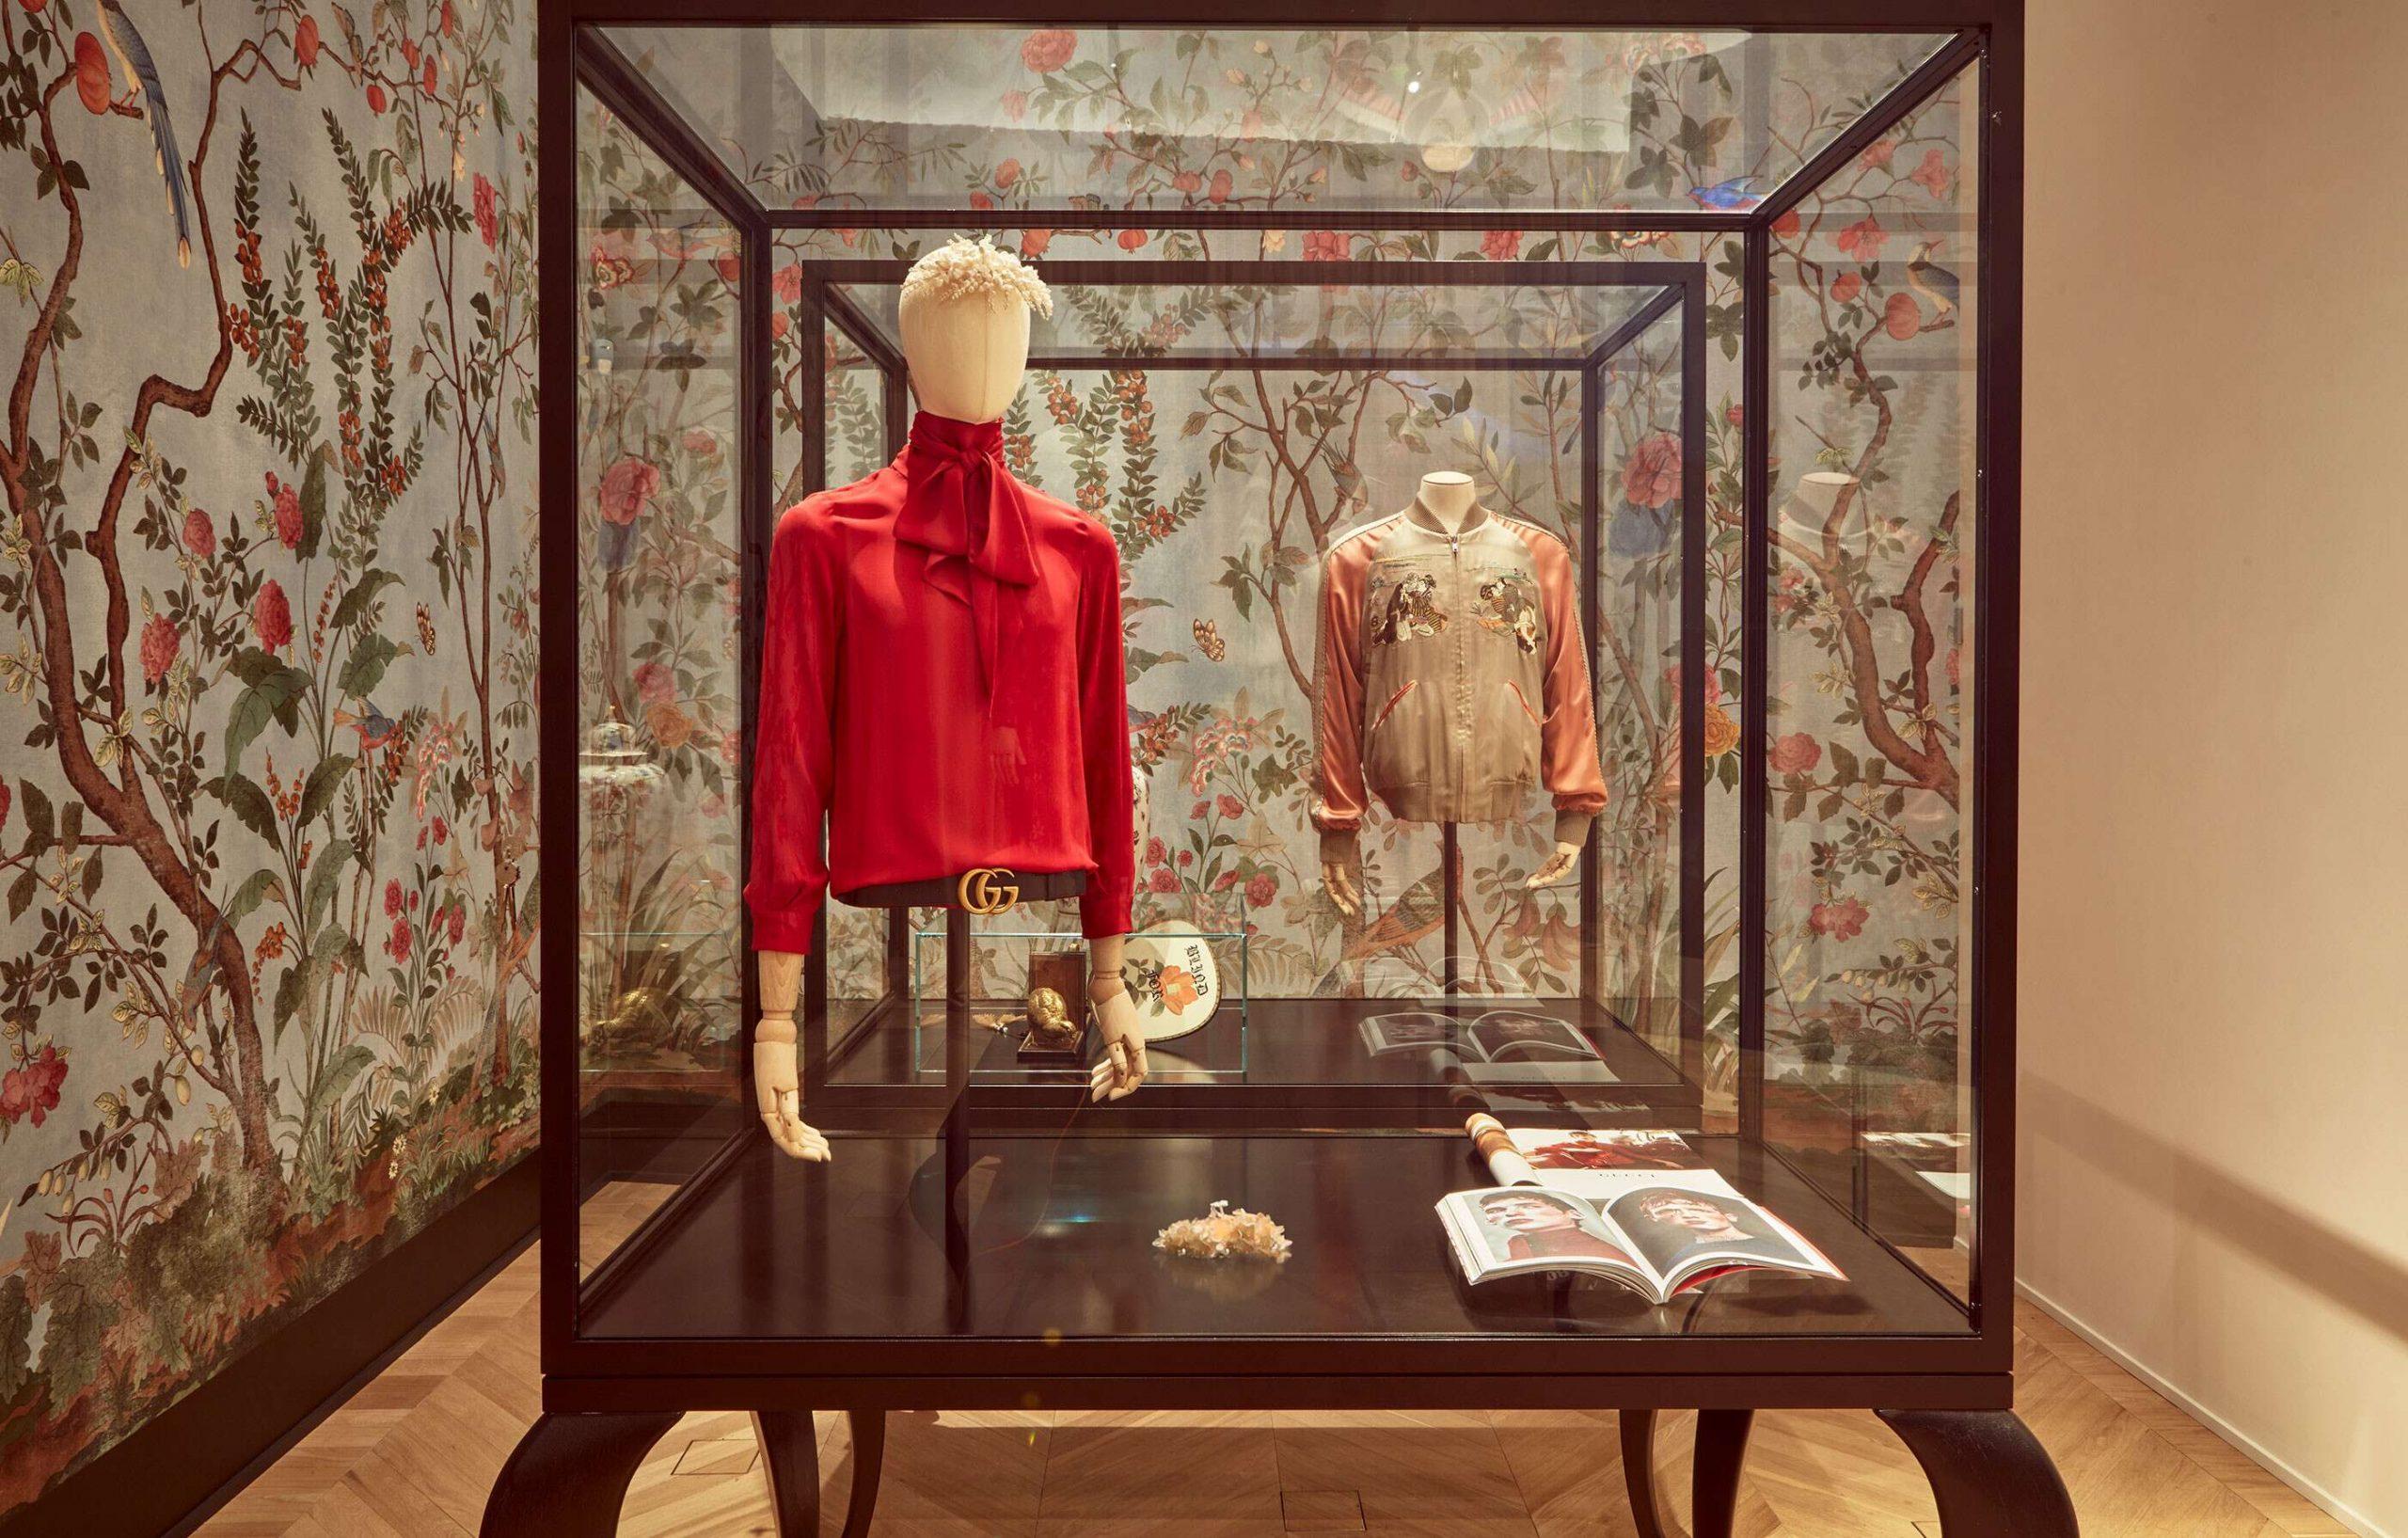 Nueva parada obligatoria en Florencia: Gucci Garden